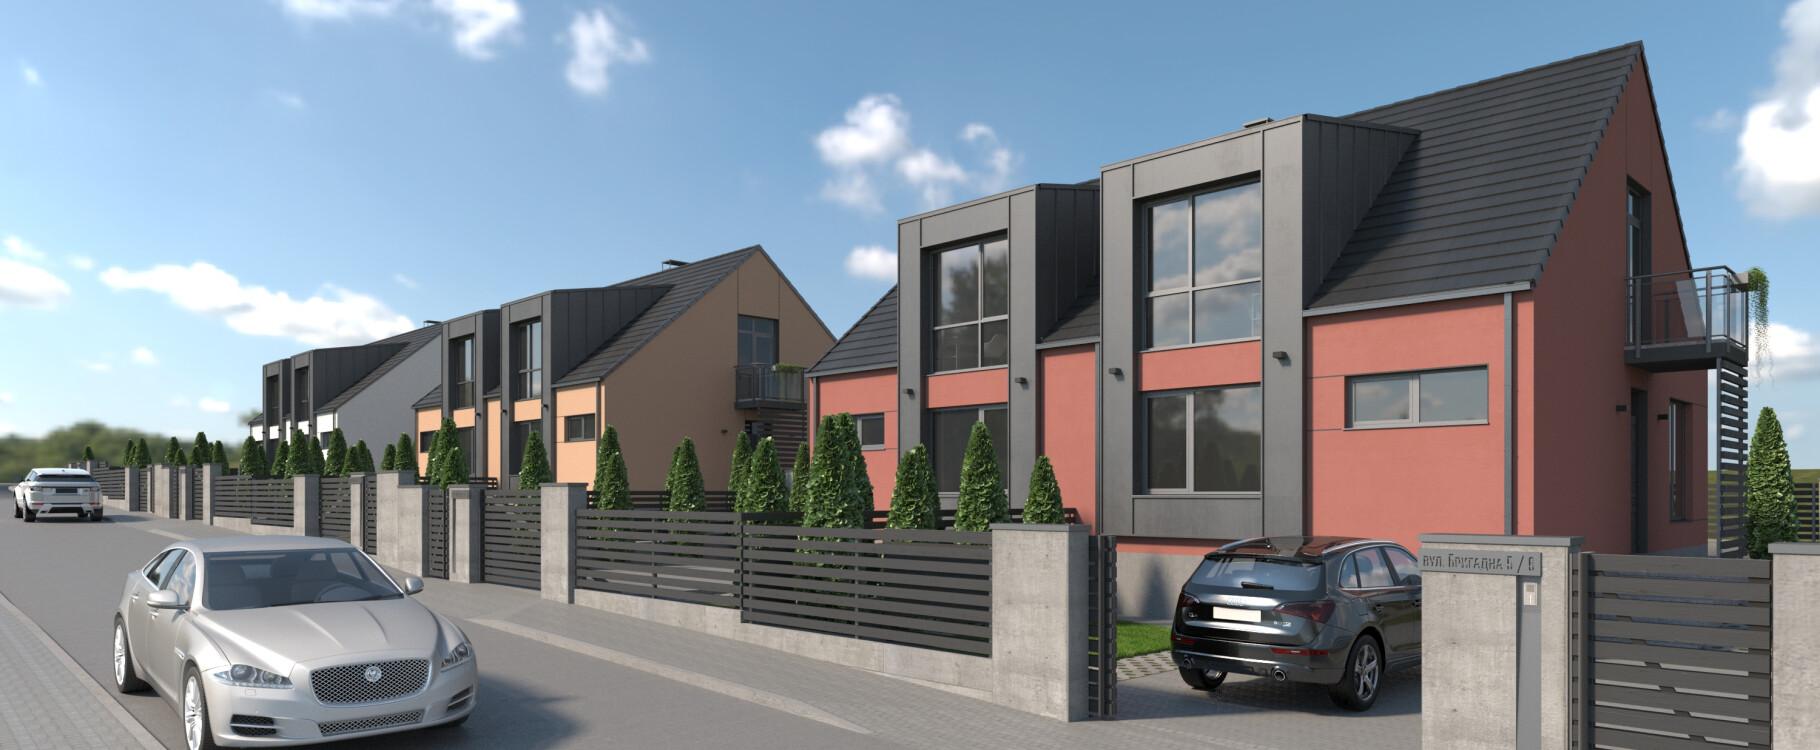 Архітектурне проектування об'єктів нерухомості